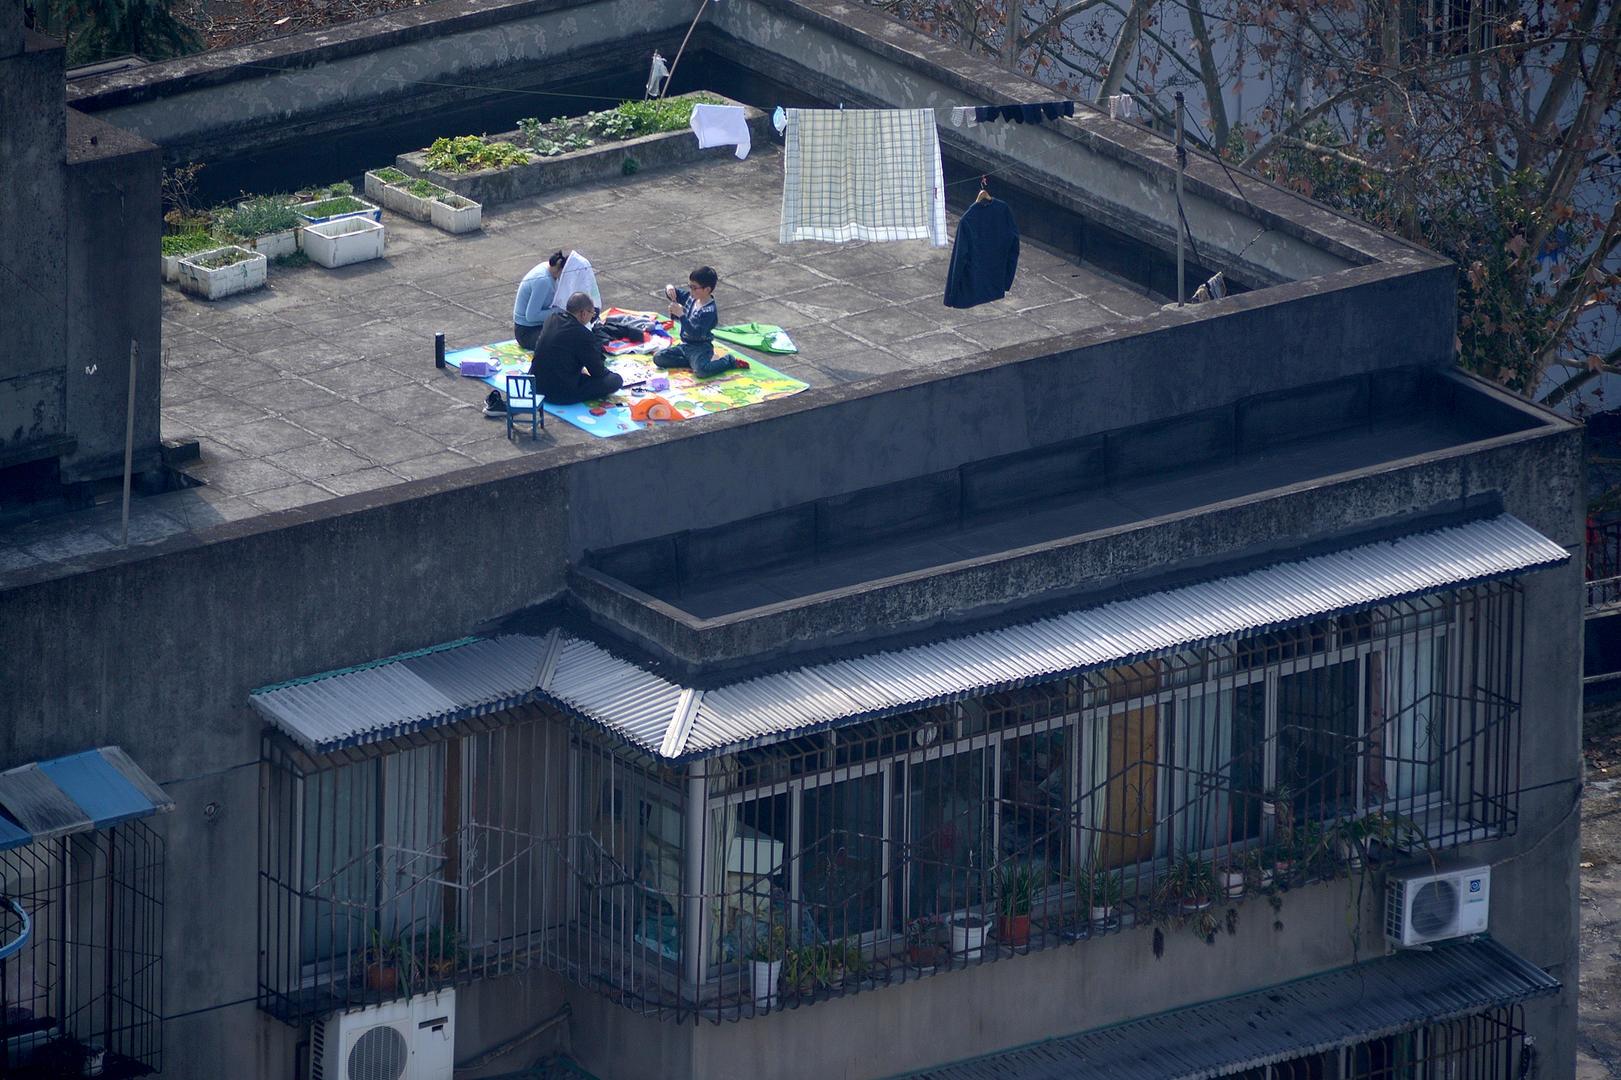 2月29日,成都疫情期间,屋顶上的亲子围棋较量。(三等奖).jpeg